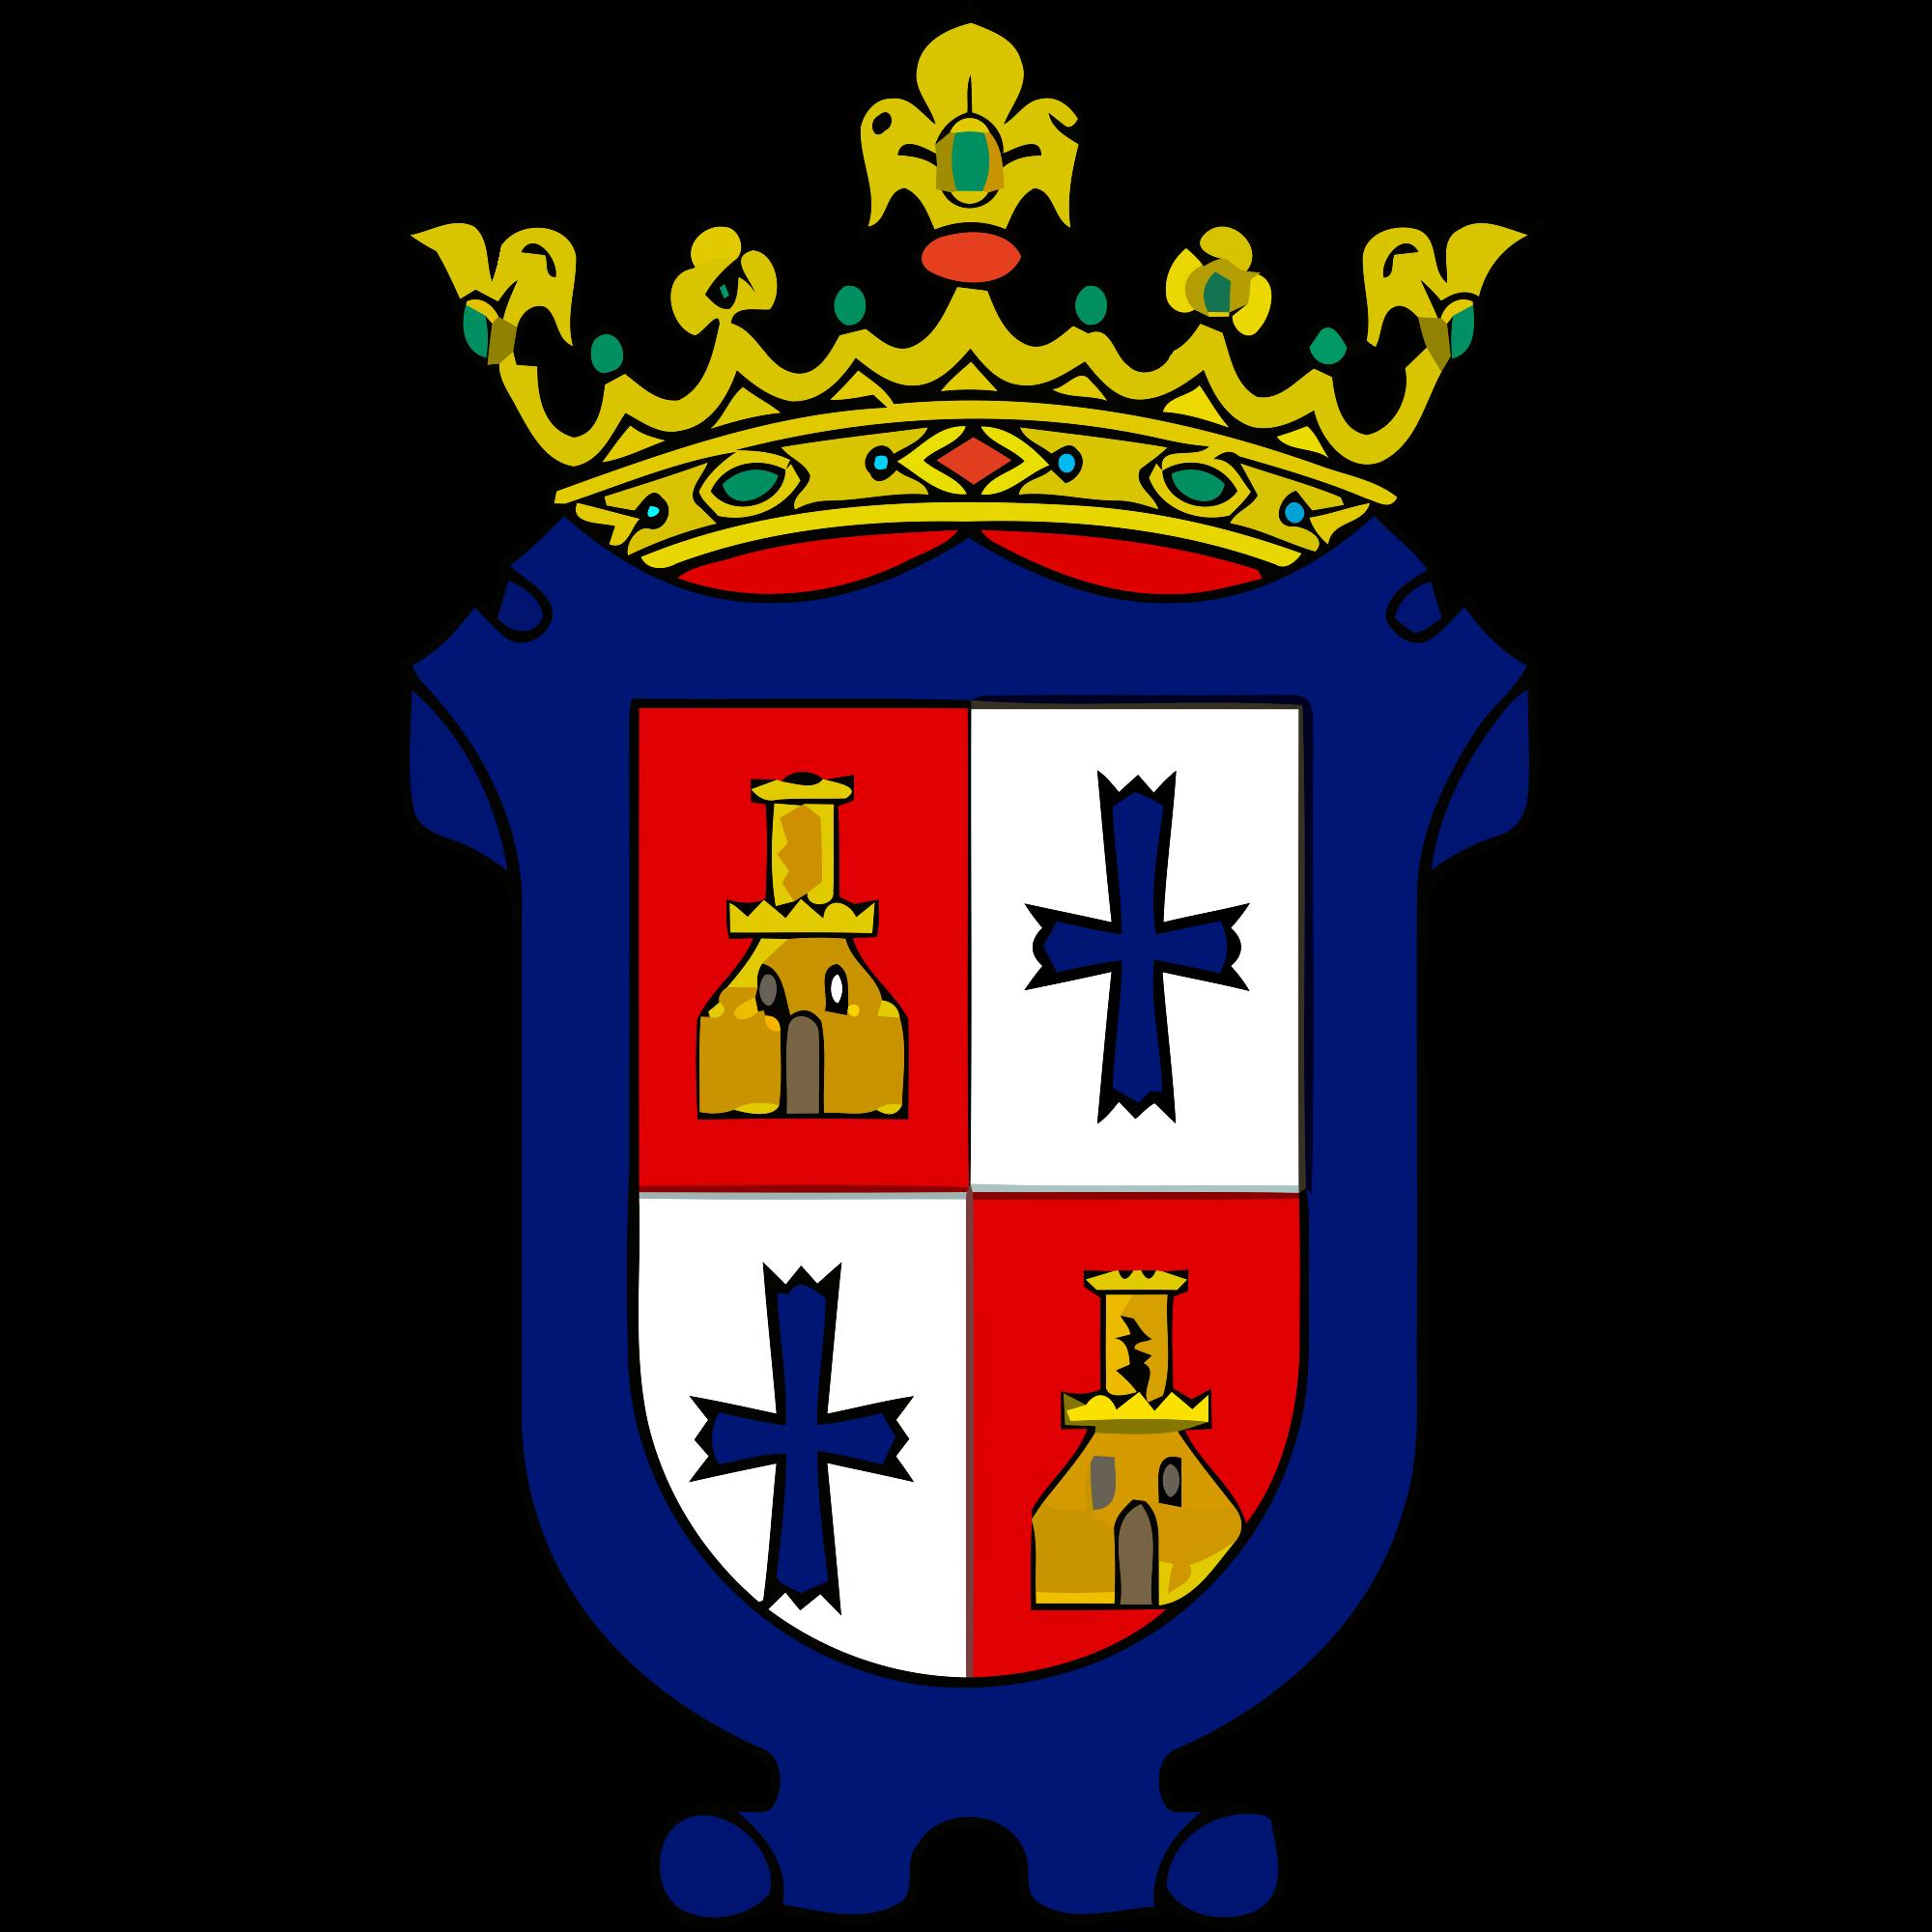 CARLOS JIMÉNEZ MARTÍN